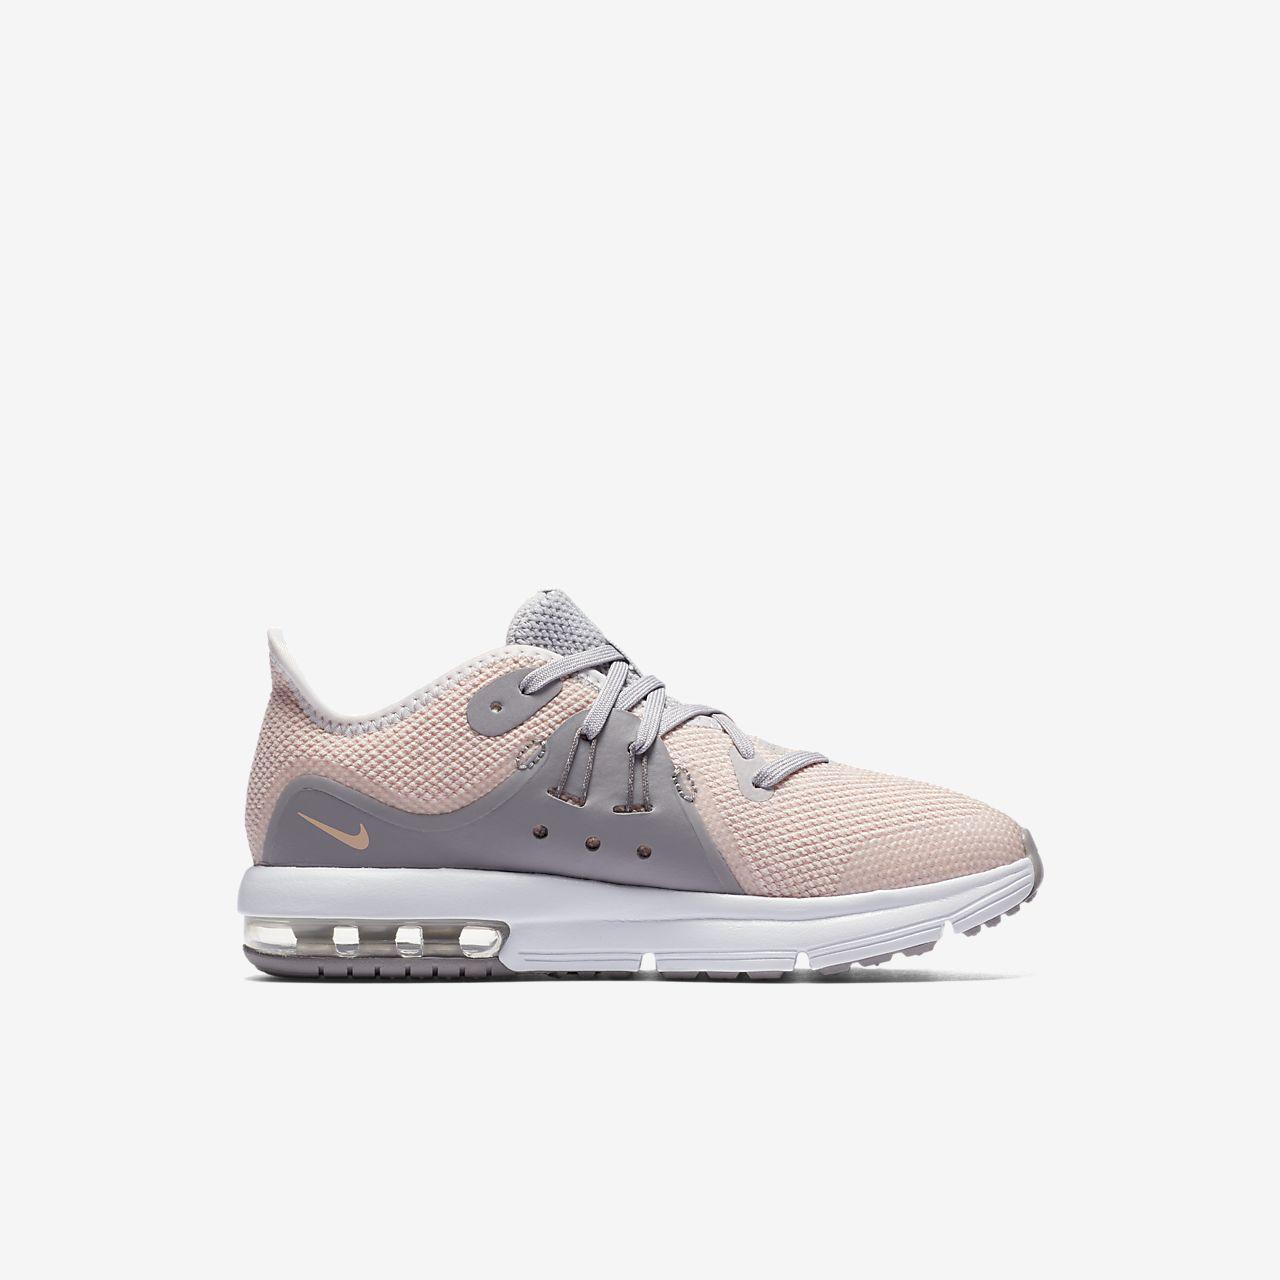 ... Chaussure Nike Air Max Sequent 3 pour Jeune enfant